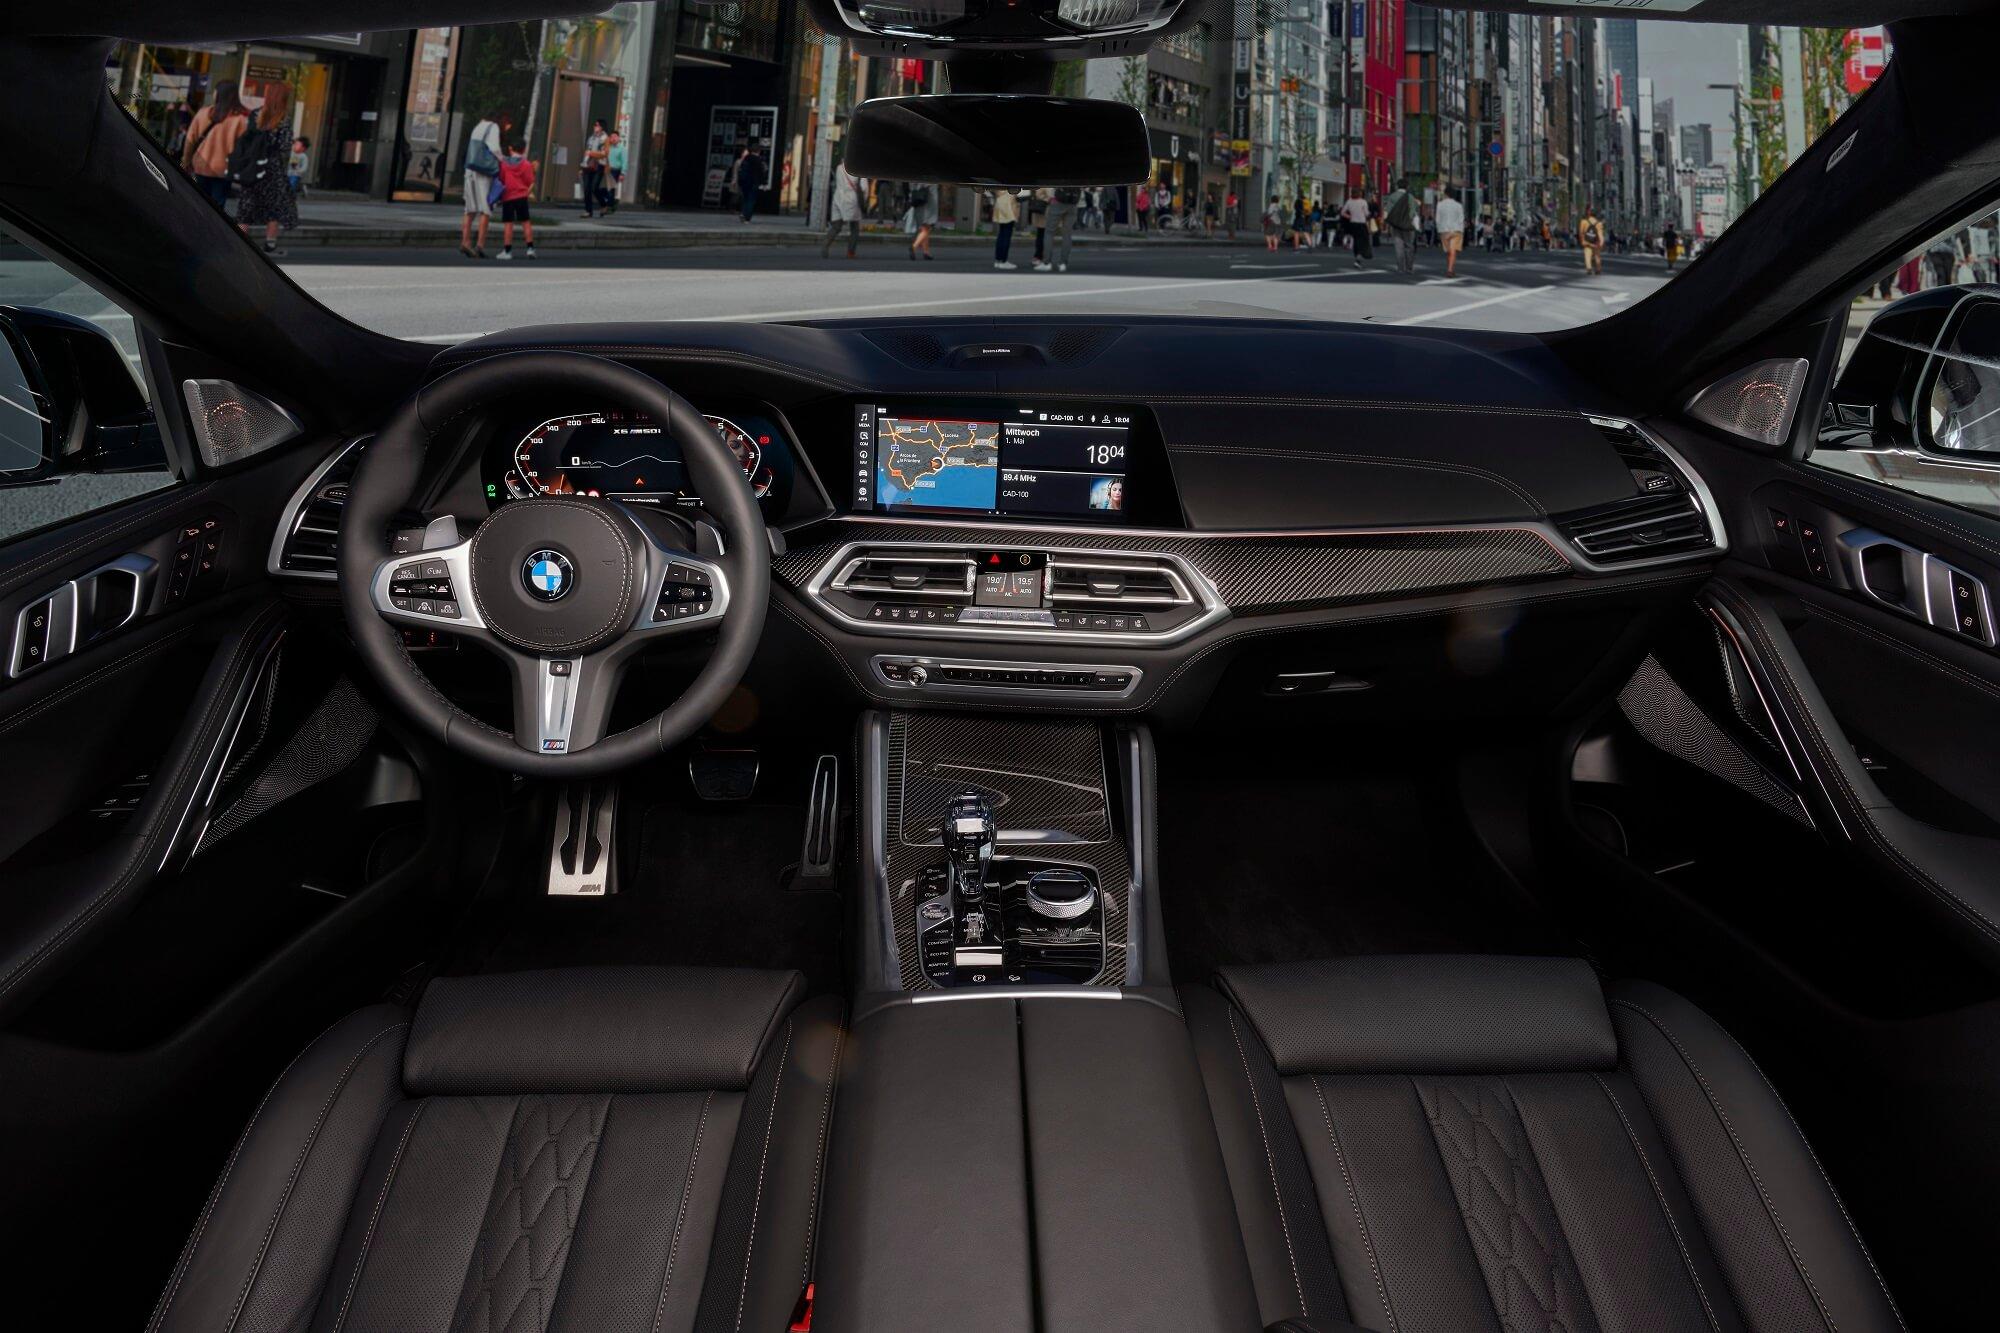 Foto mostra o painel do X6 de frente, com o quadro de instrumentos configurável e a tela de 12 polegadas da central multimídia